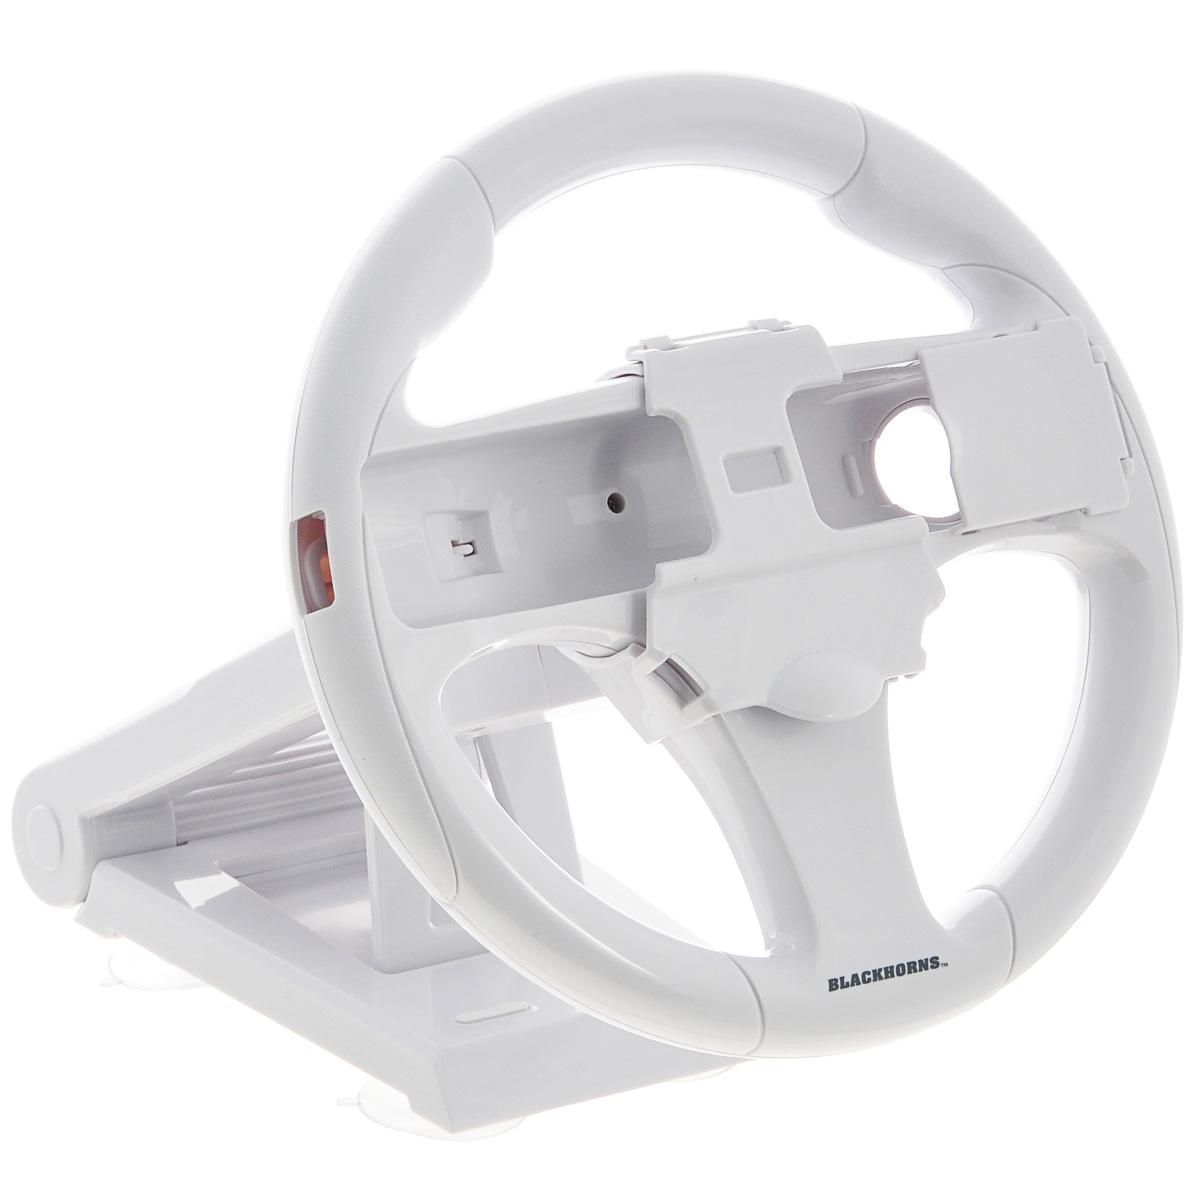 Black Horns руль с опорой для приставки Wii (белый)BH-Wii10904Руль с опорой Black Horns для приставки Wii - отличное решение для гонок и авиасимуляторов. C помощью данного аксессуара ваш джойстик превратится в настольный руль. Получите новые ощущения от гоночных игр. Руль крепится к столу четырьмя мощными присосками.Axis System позволит вам чувствовать себя свободным во время игры.Блокировка механизма позволяет игрокам установить руль под предпочитаемым углом играющего и заблокировать его. Совместим как с гоночными играми, поддерживающими Wii MotionPlus, так со старыми гоночными играми.